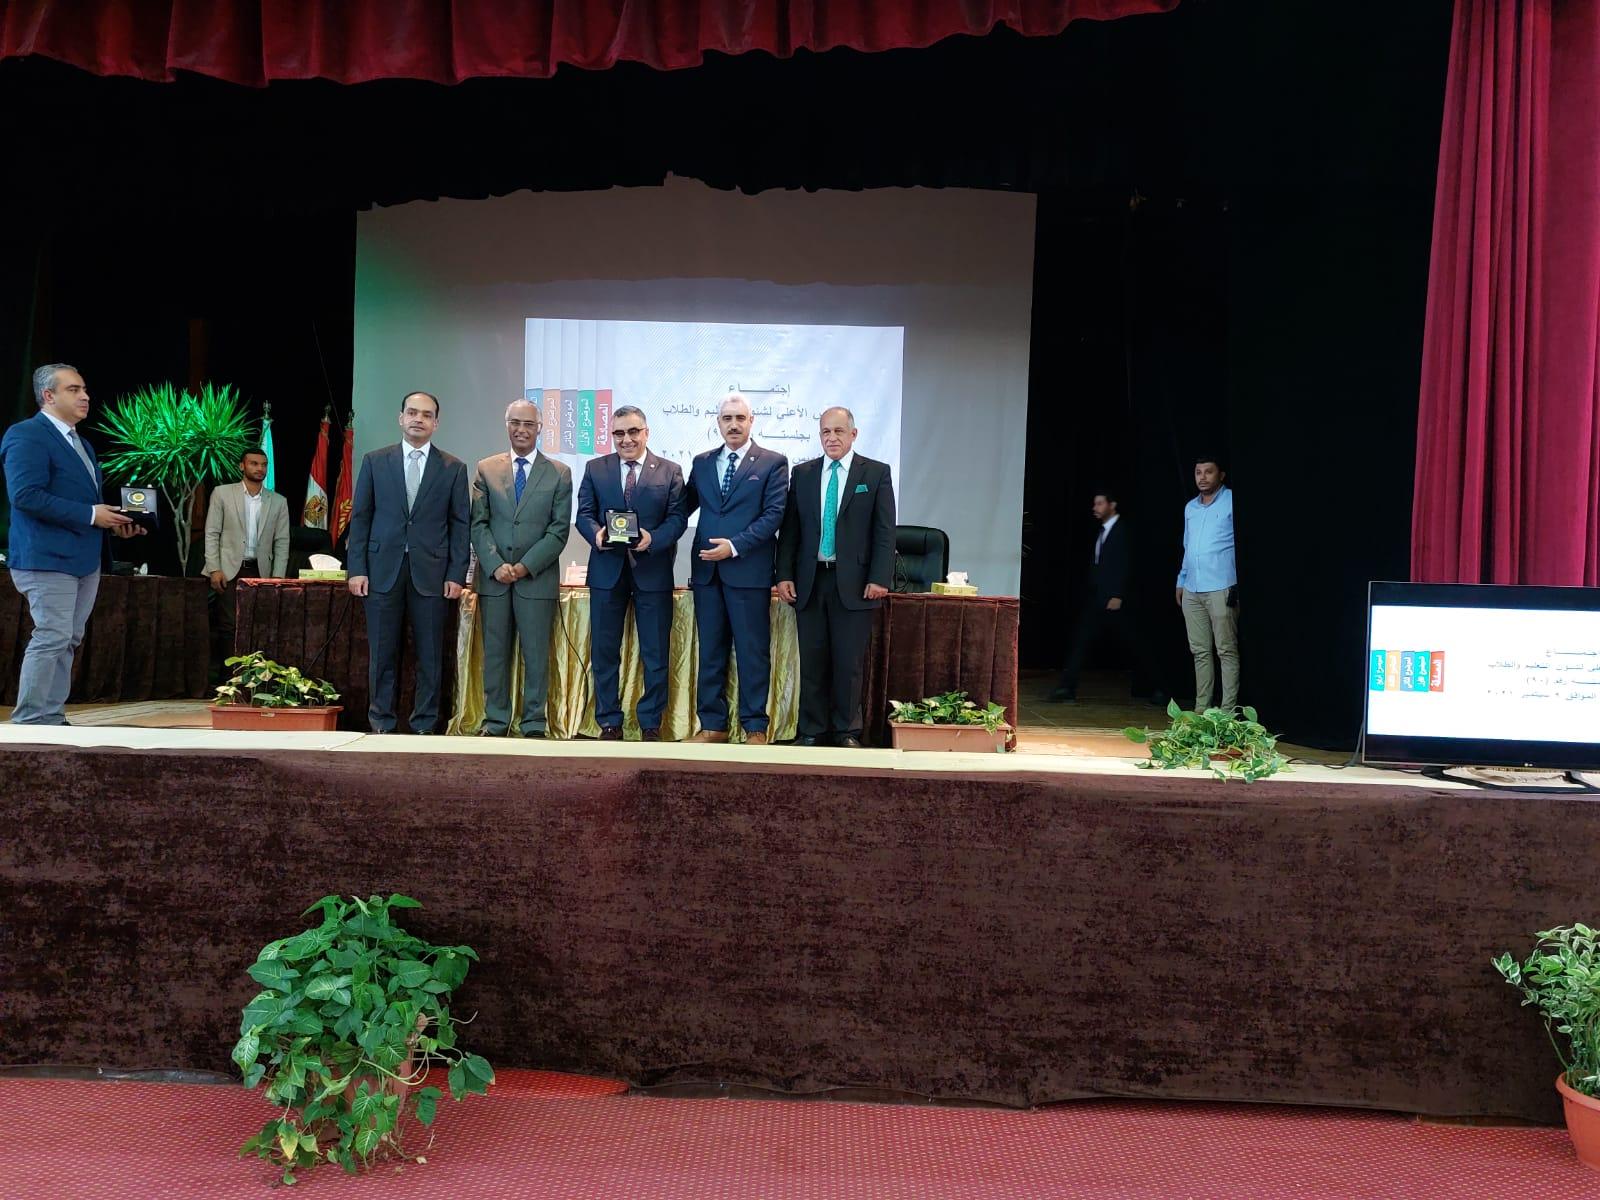 رئيس جامعة الفيوم يشارك في اجتماع المجلس الأعلى لشؤون التعليم والطلاب بجامعة بورسعيد